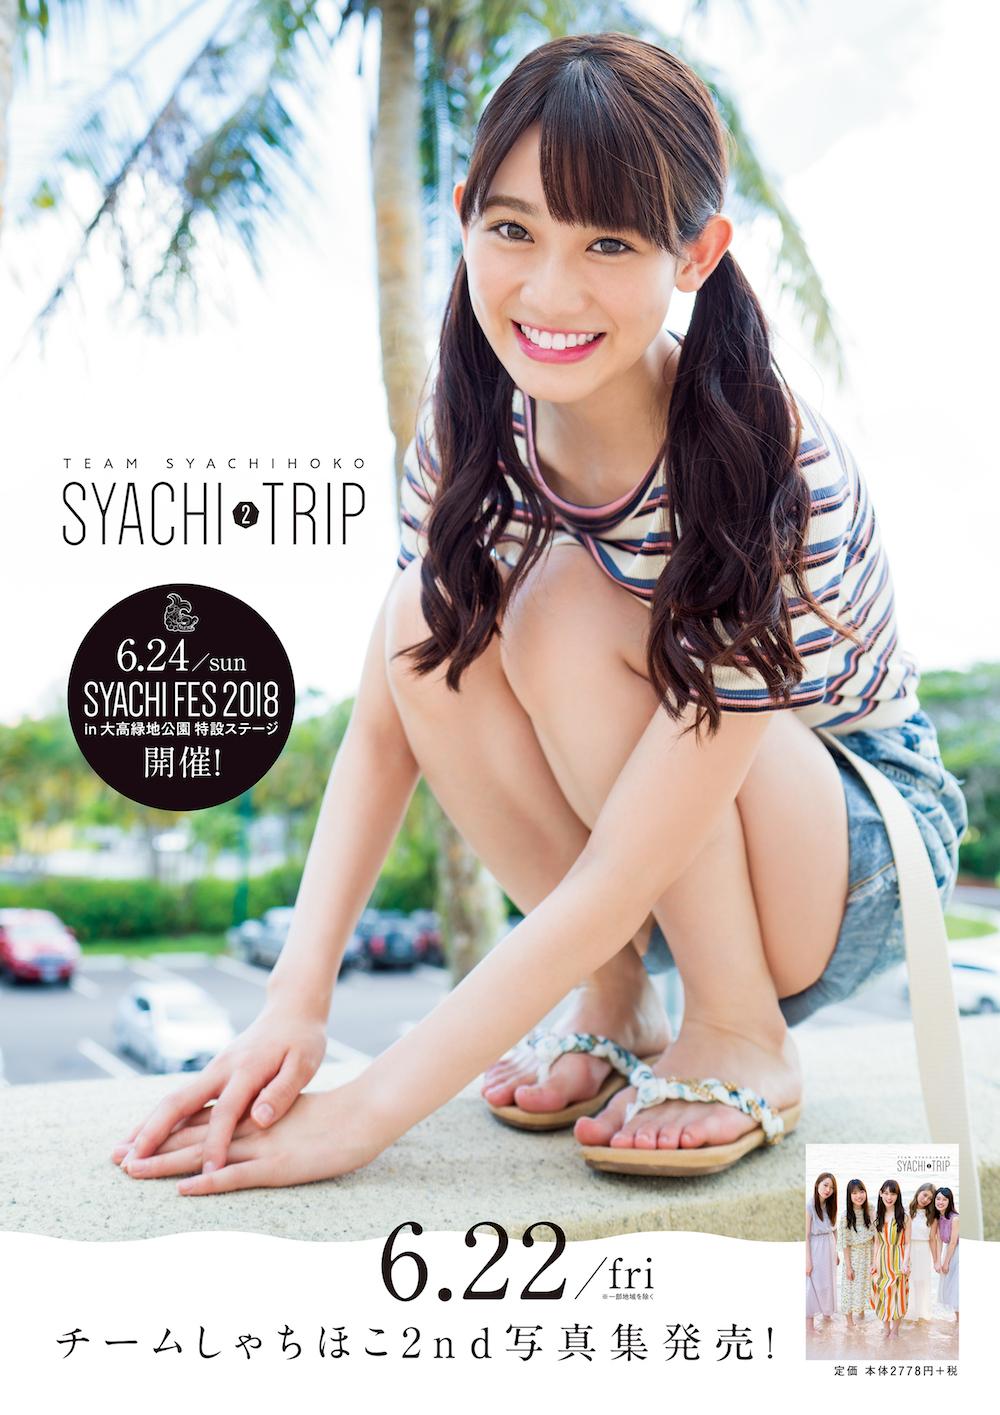 チームしゃちほこ、オールグアムロケの2nd写真集「SYACHI TRIP2」